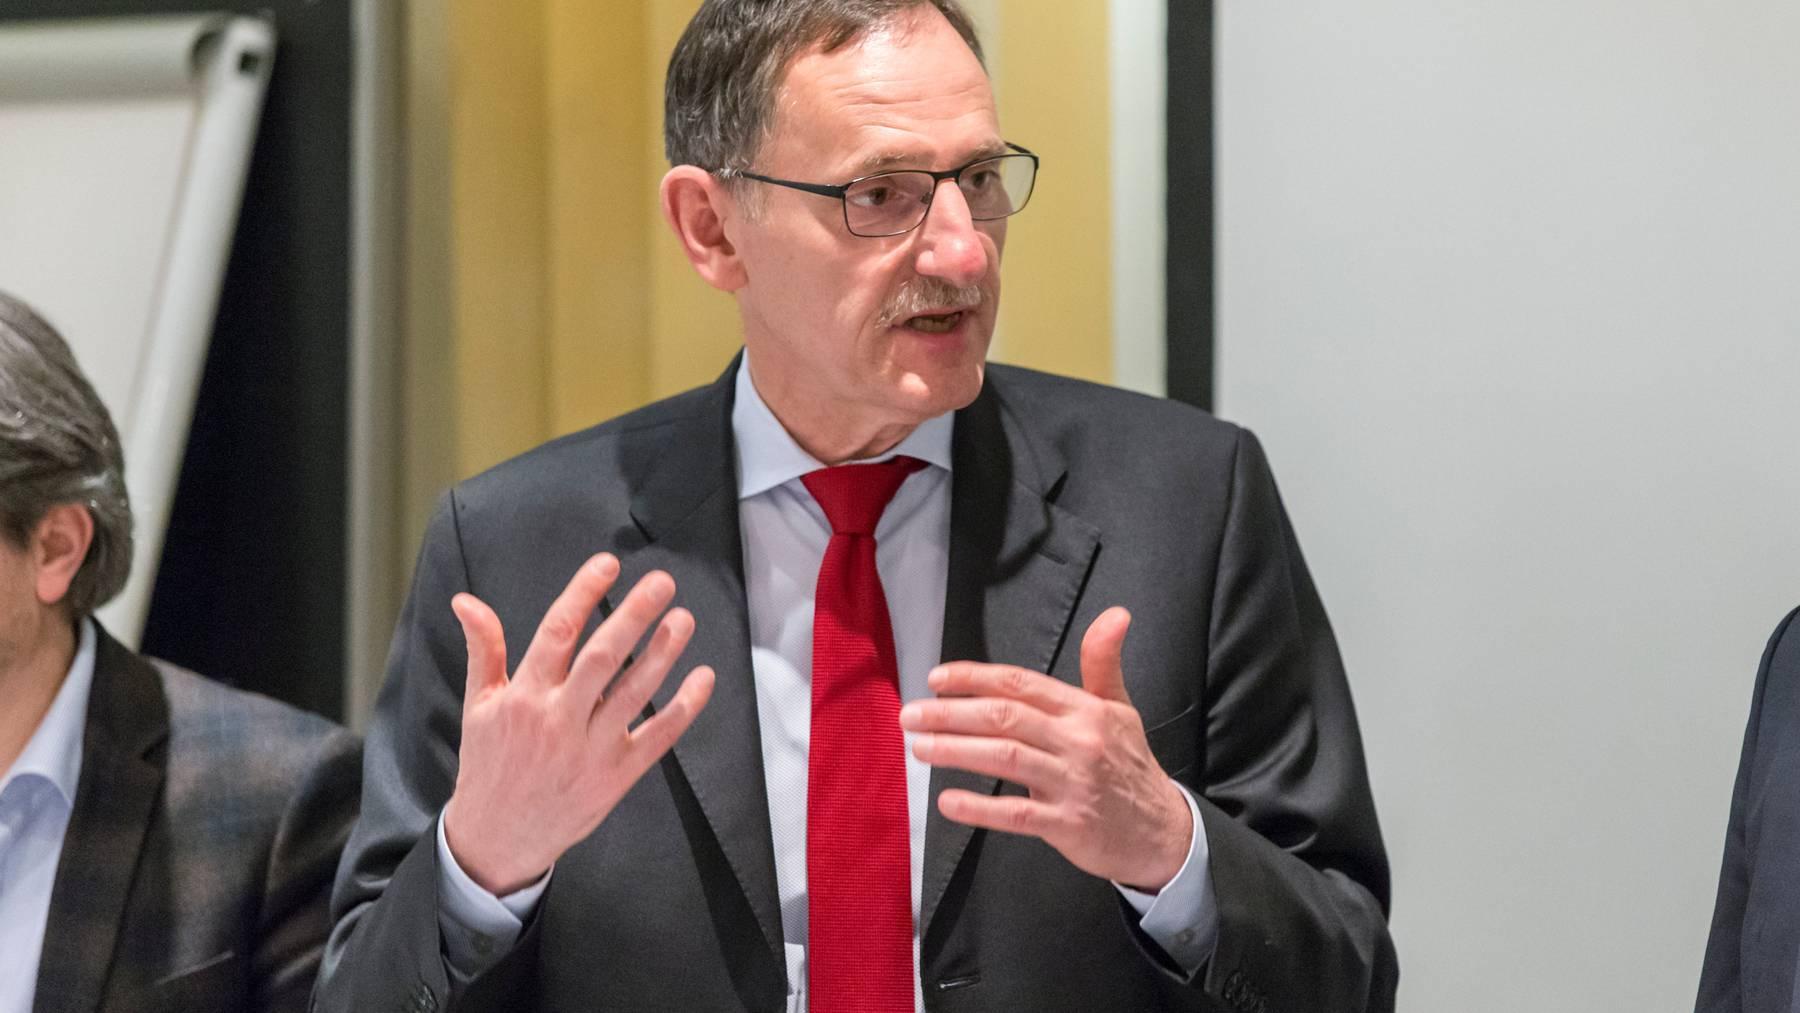 Gegen den Zürcher Regierungsrat Mario Fehr wurde eine Anzeige eingereicht.